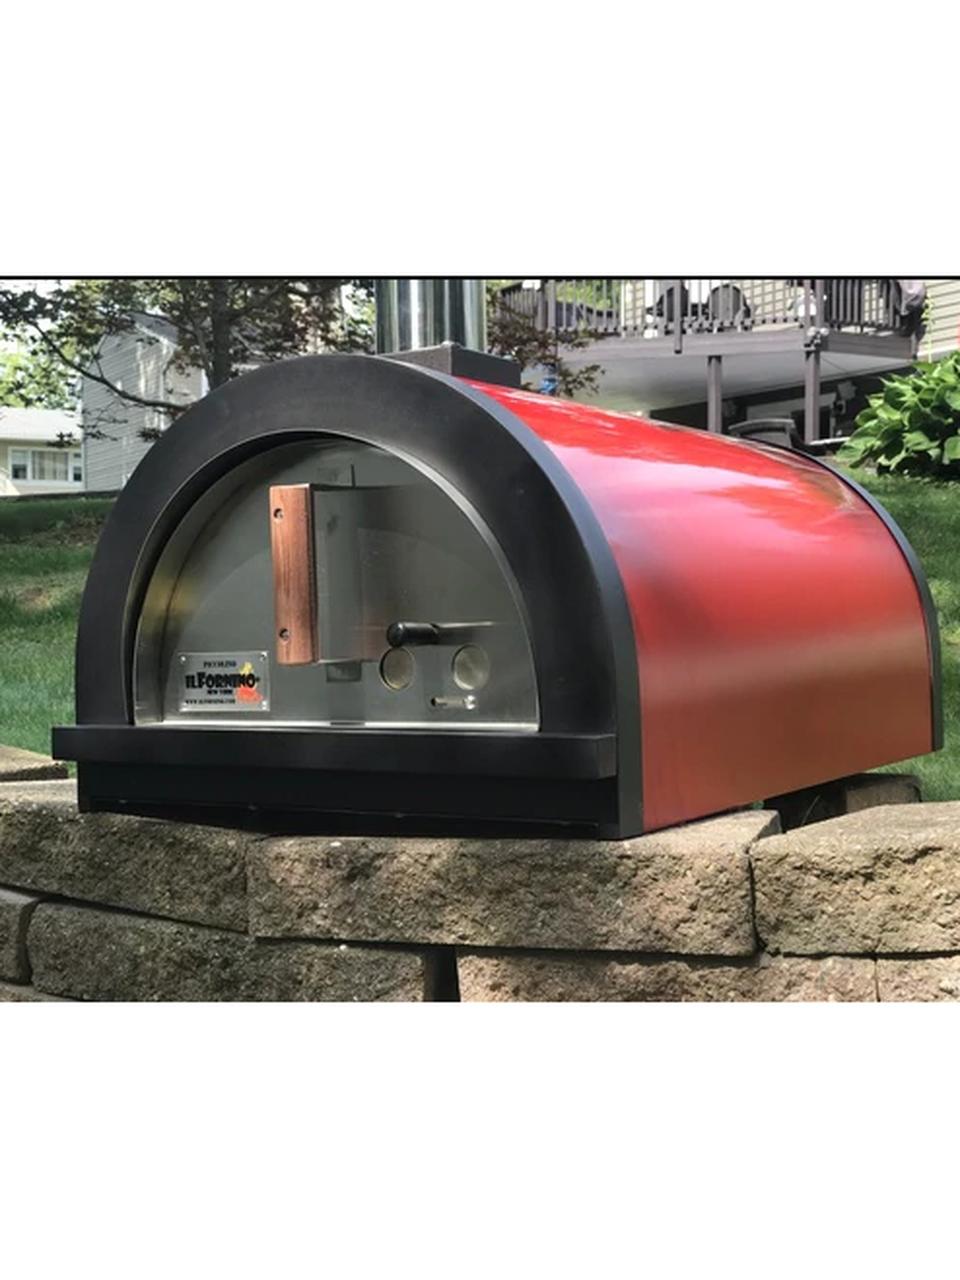 Ilfornino Piccolino Wood Fired Pizza Oven Black Counter Top Wood Fired Pizza Wood Fired Pizza Oven Pizza Oven